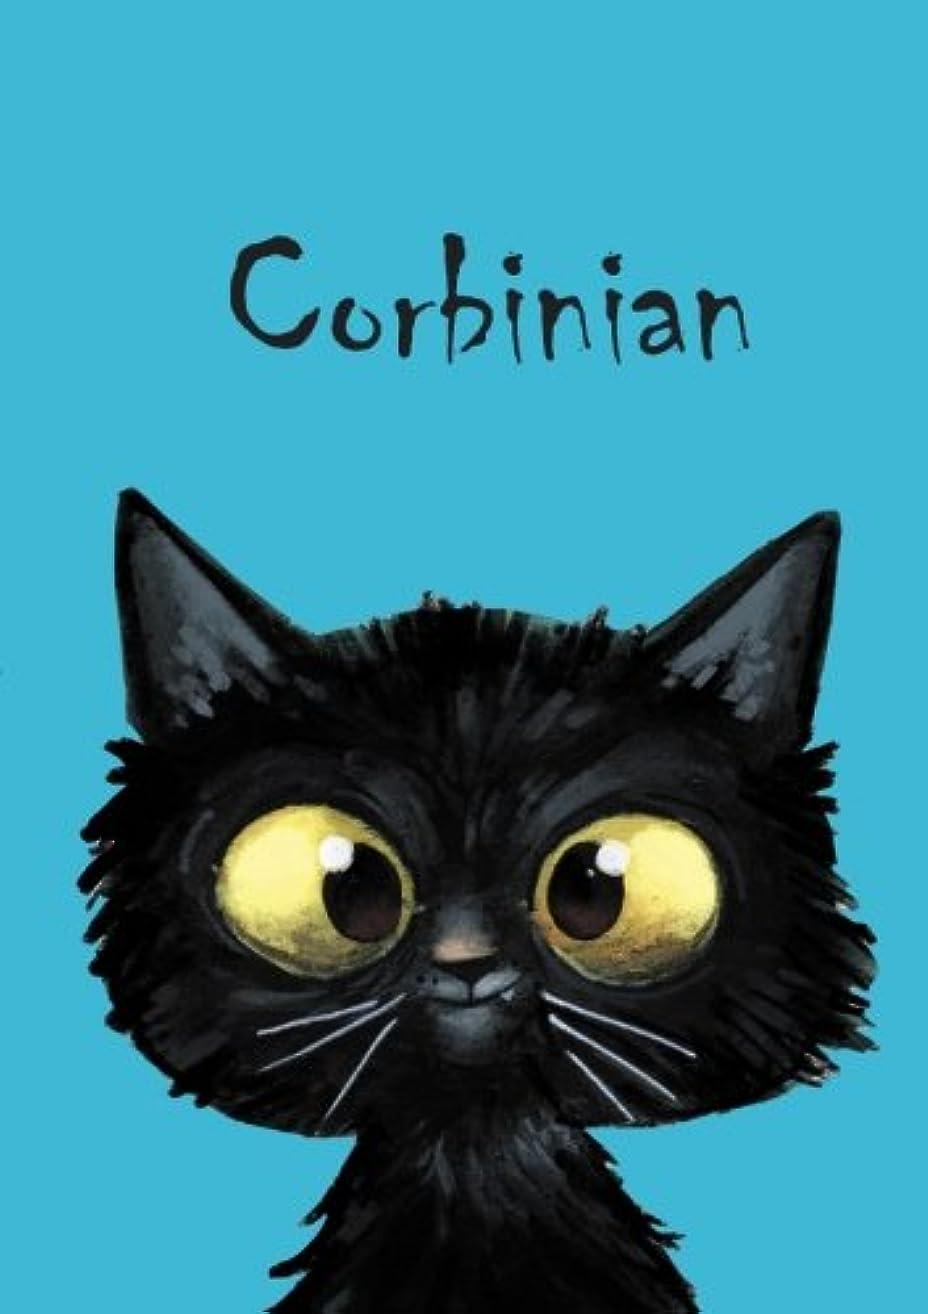 ハシー注釈を付ける経度Corbinian: Corbinian - Katzen - Malbuch / Notizbuch / Tagebuch: A5 - blanko